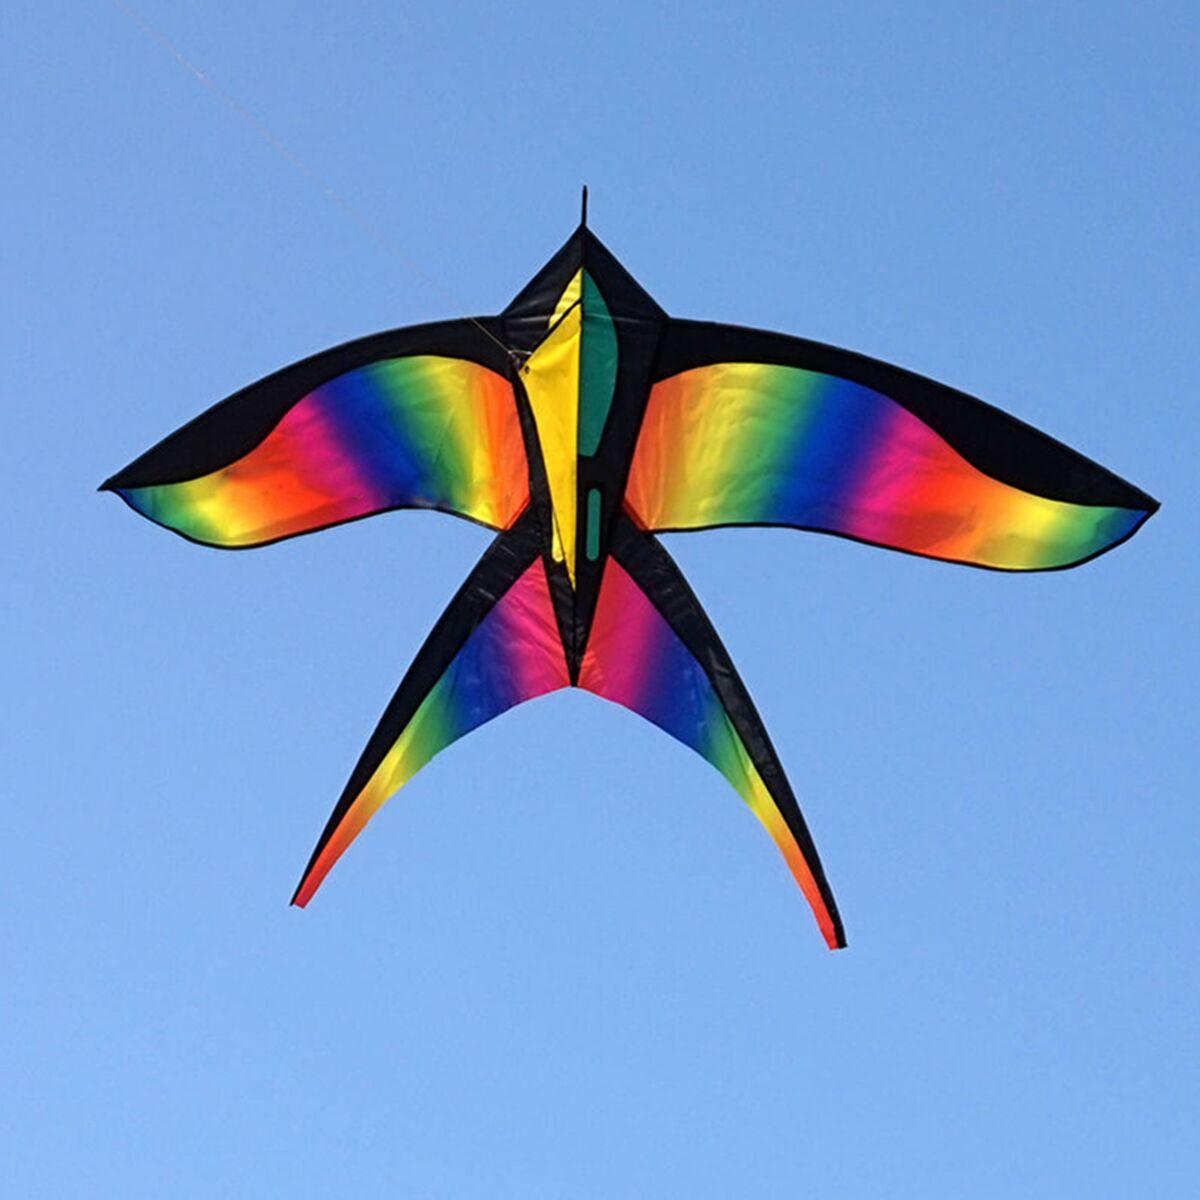 68in Swallow Kite Bird Kites Single Line Outdoor Fun Sports Toys Delta For Kids